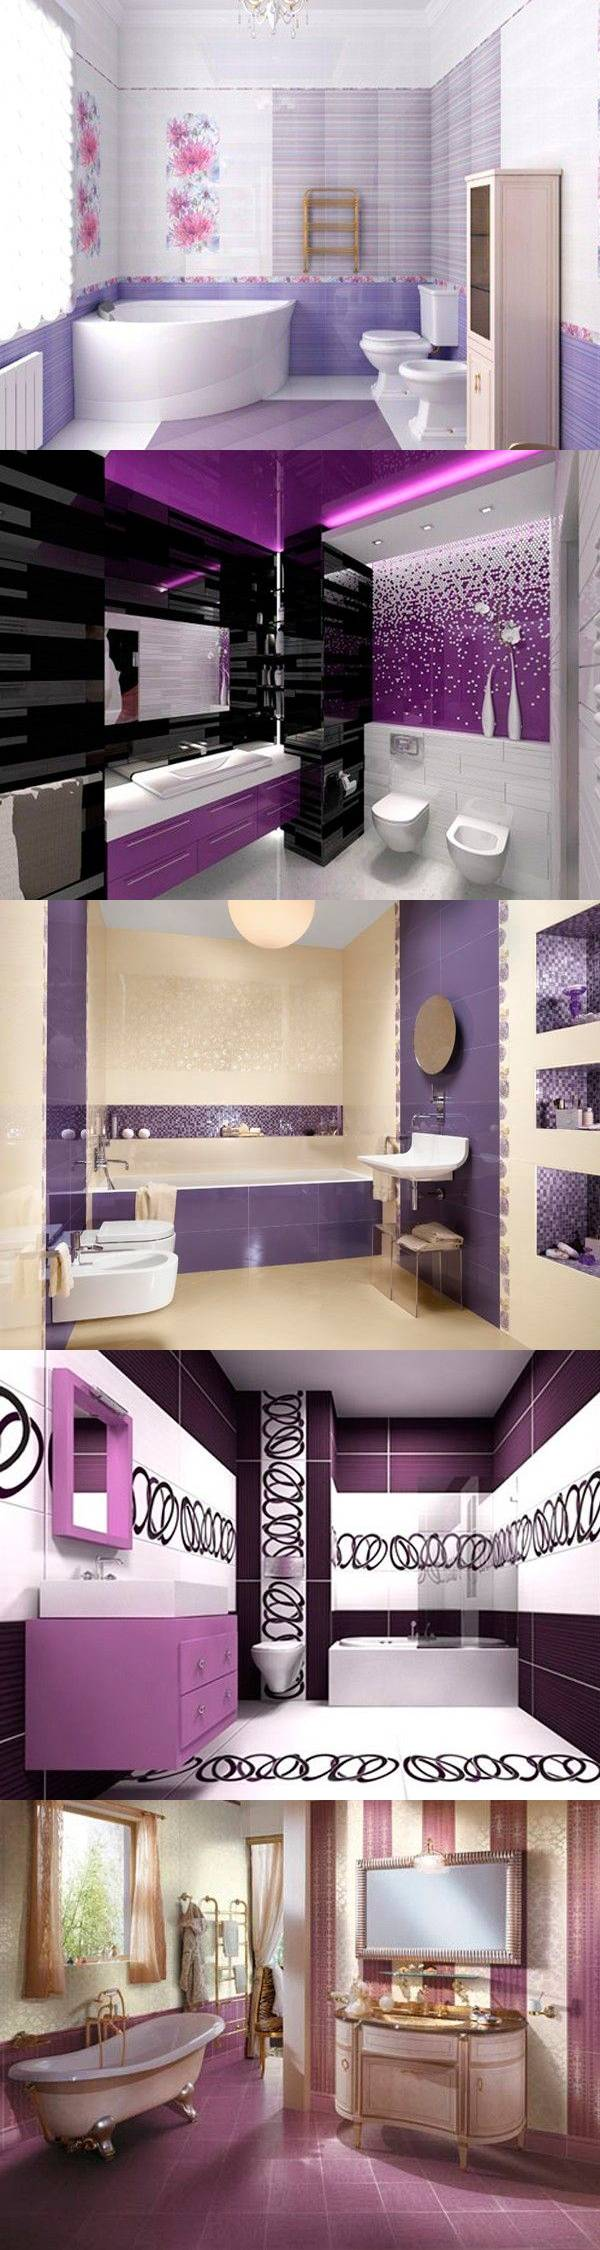 Ванная в фиолетовом цвете — 27 идей